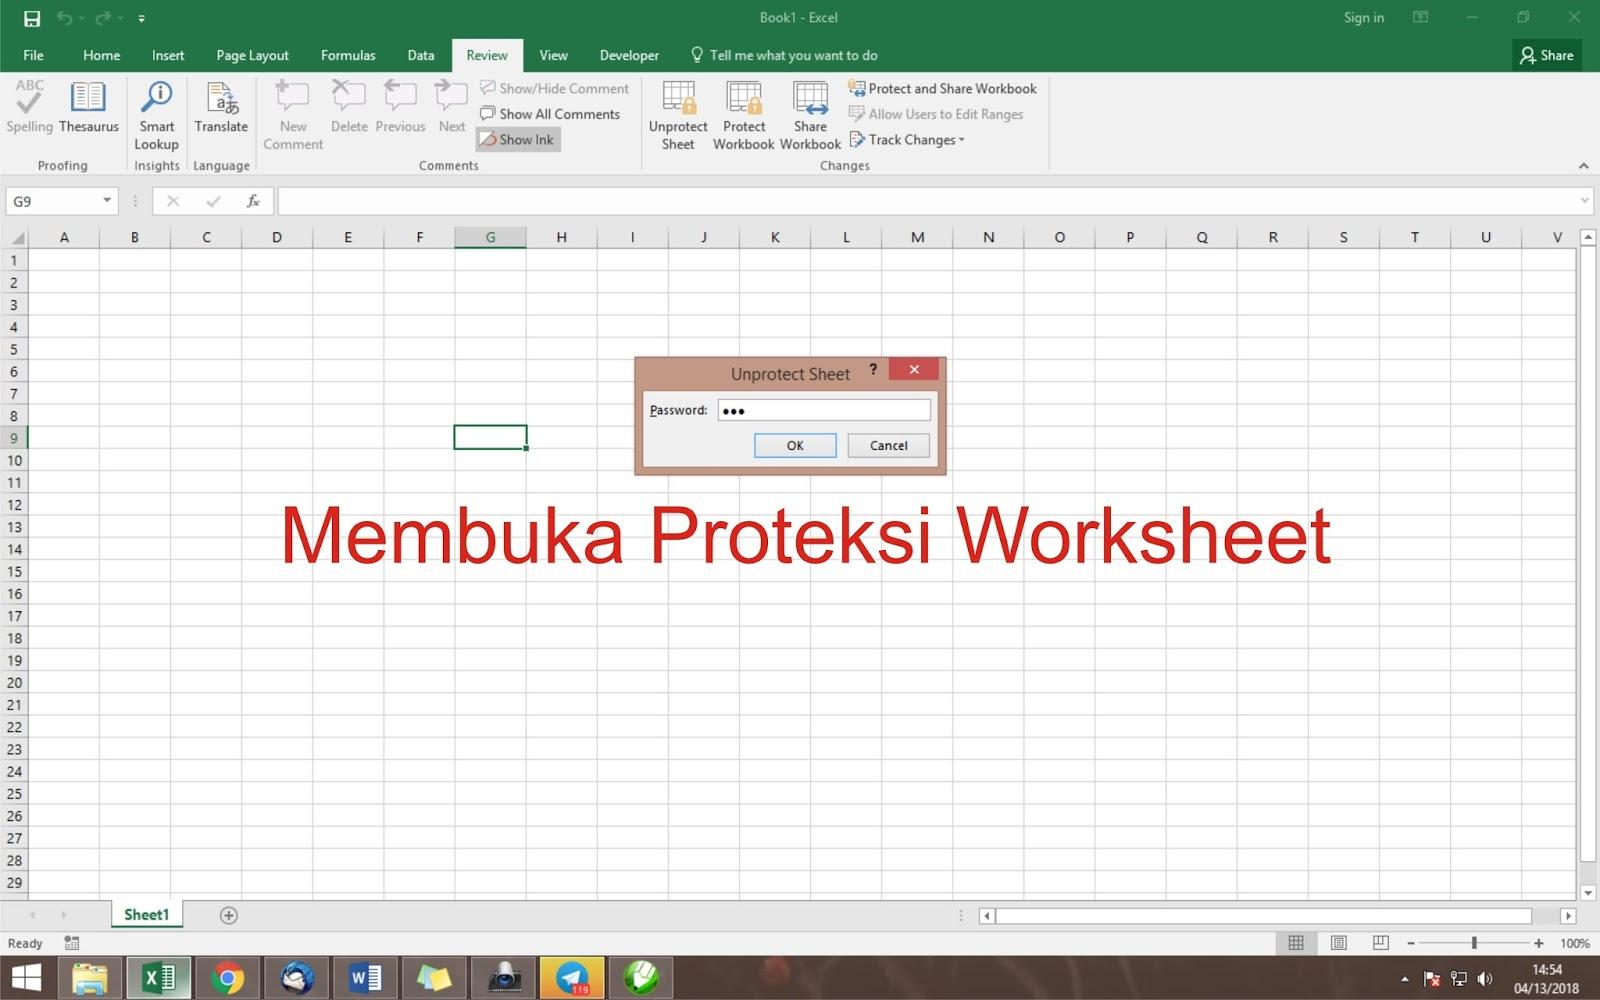 Membuka Protectsi Worksheet Cari Tahu Tentang Excel